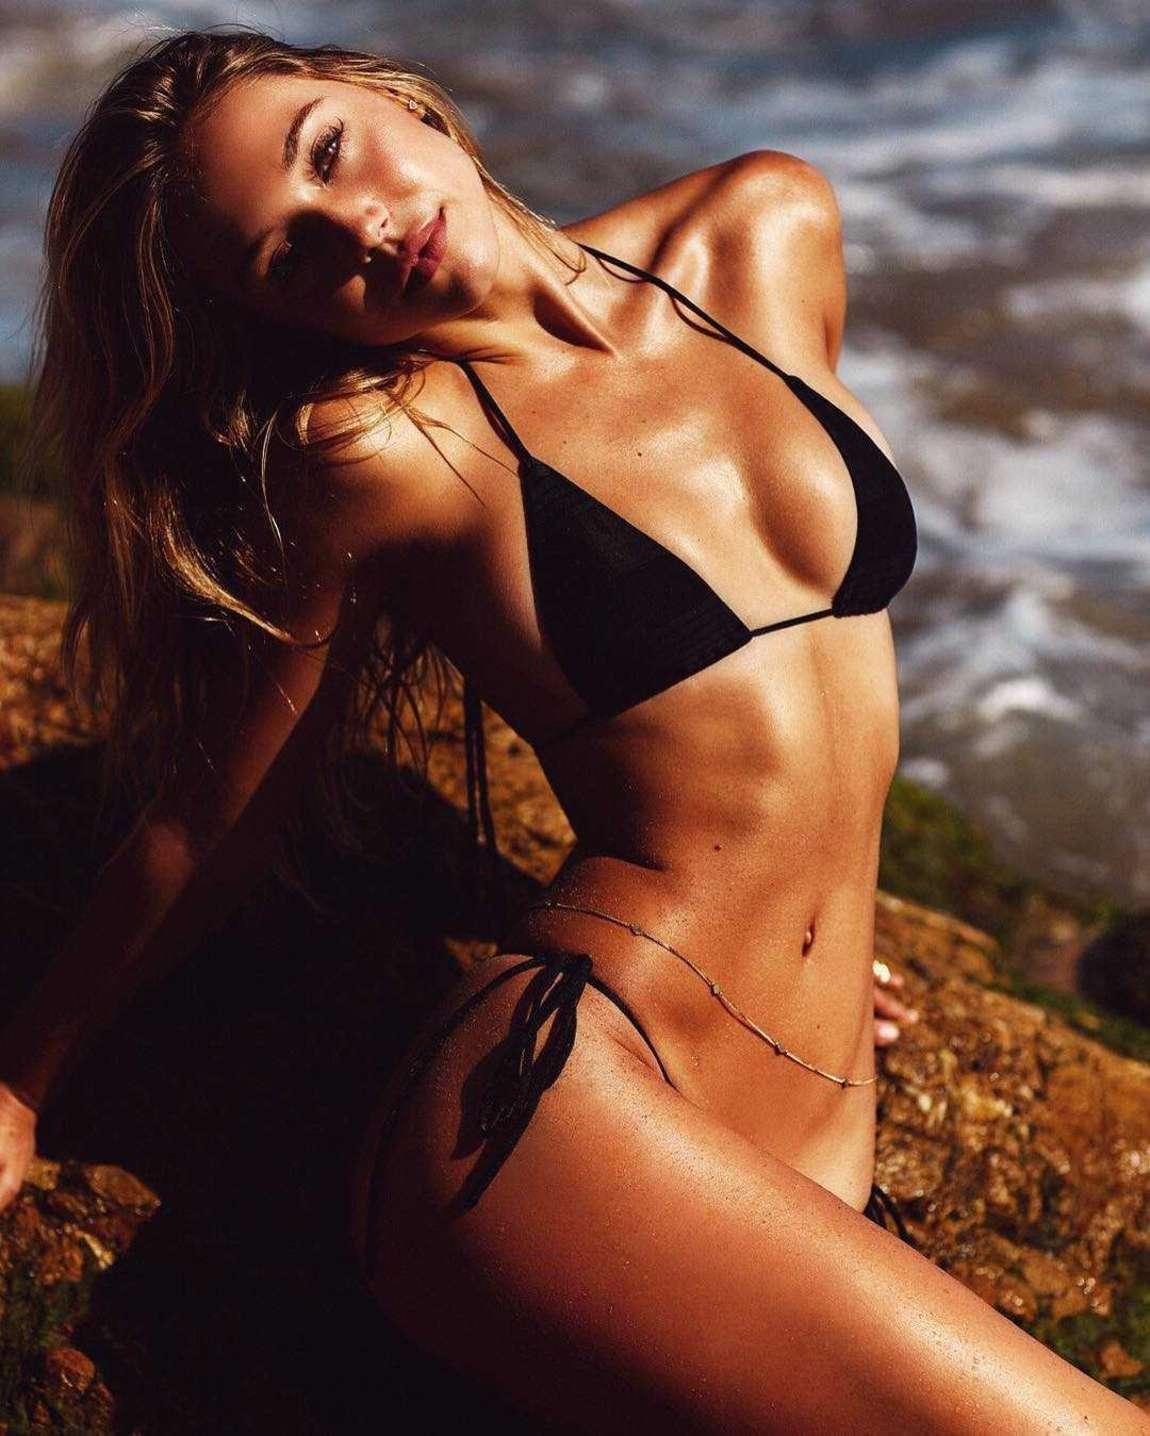 Kara del toro beautiful boobs and ass in sexy bikini photoshoot